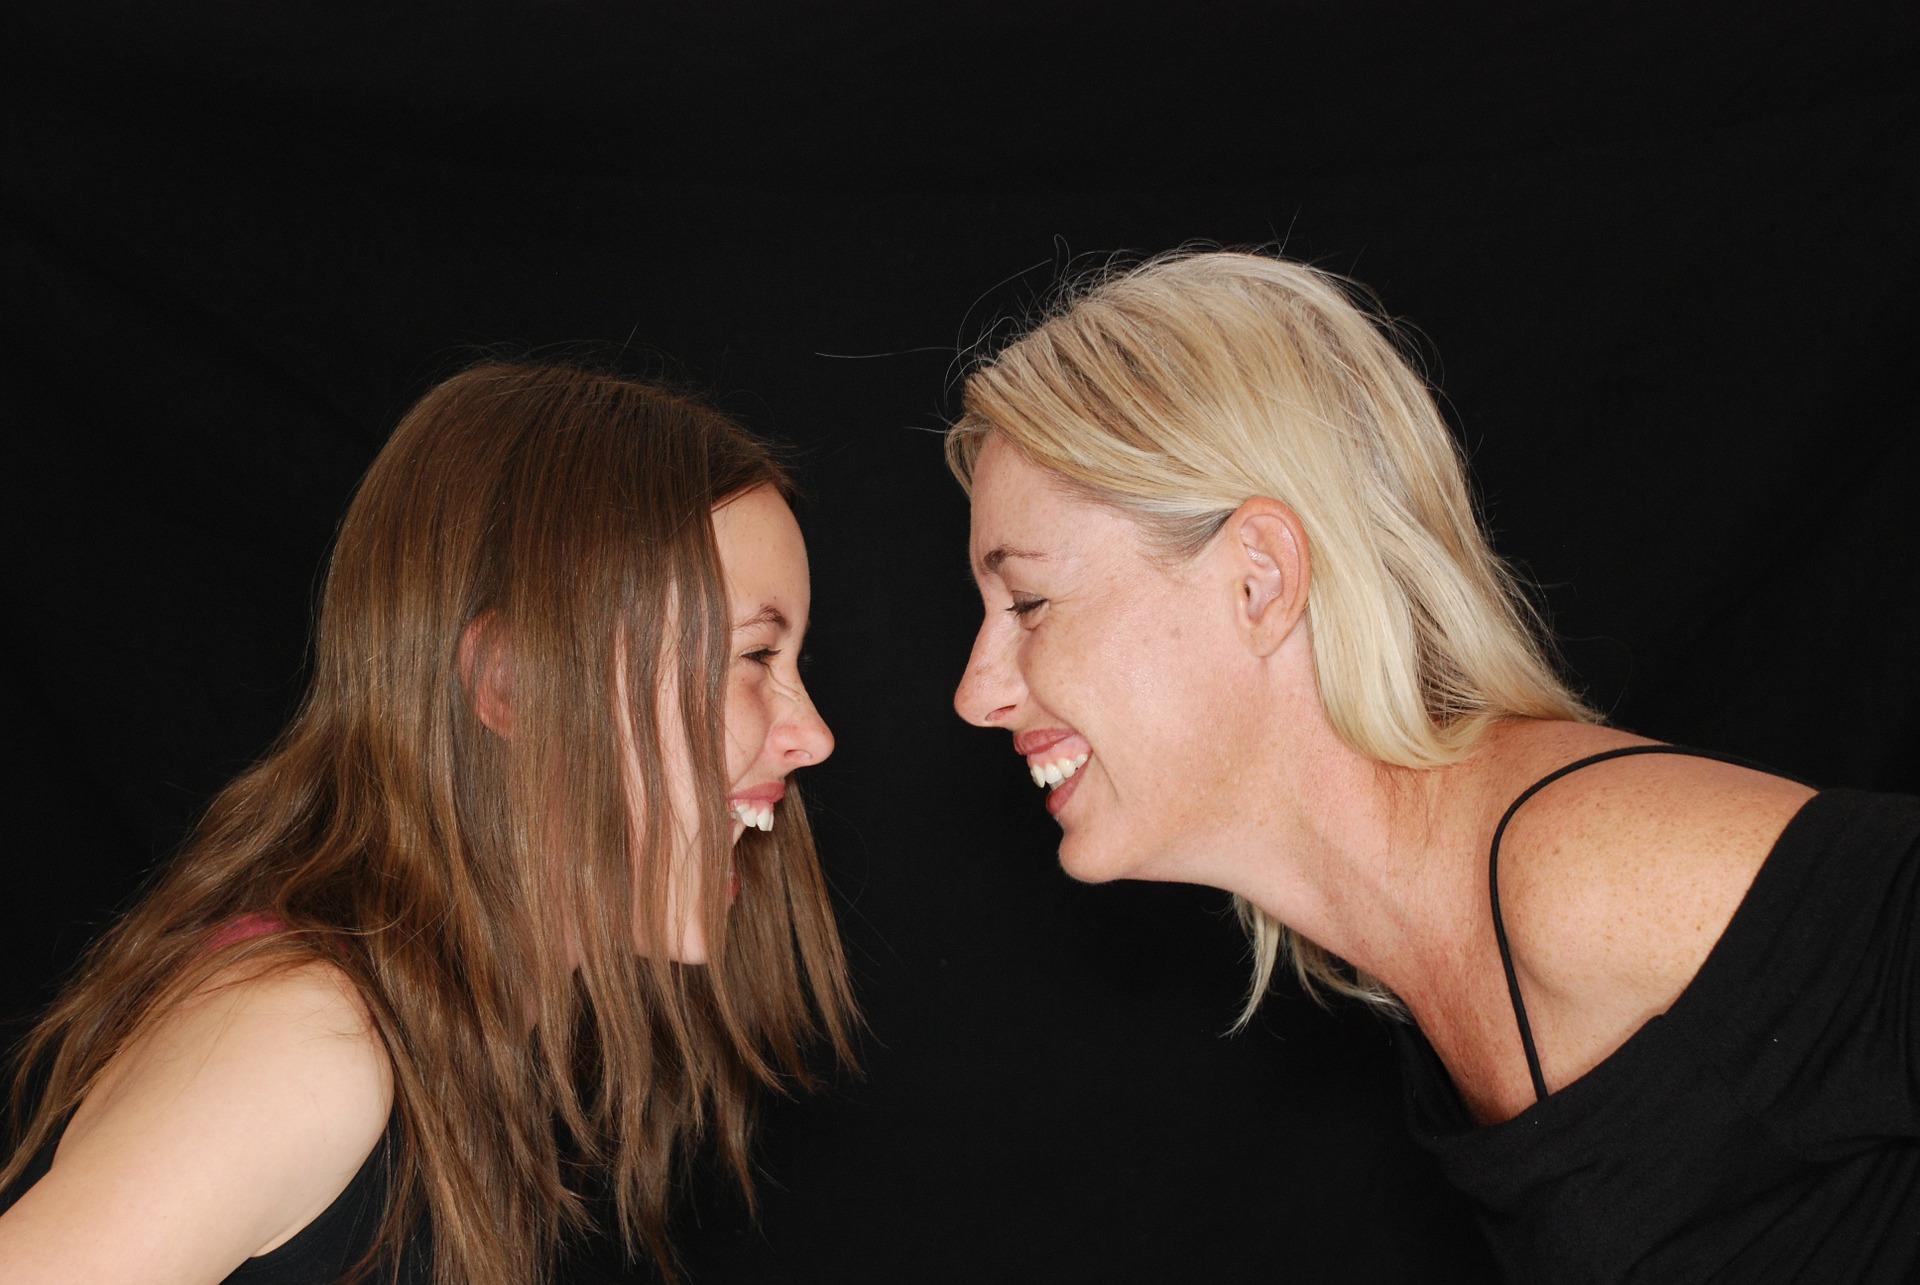 你可以先想想看爸媽是不是也有這種症狀 因為「過敏性鼻炎」主要是來自遺傳,而且很難根治